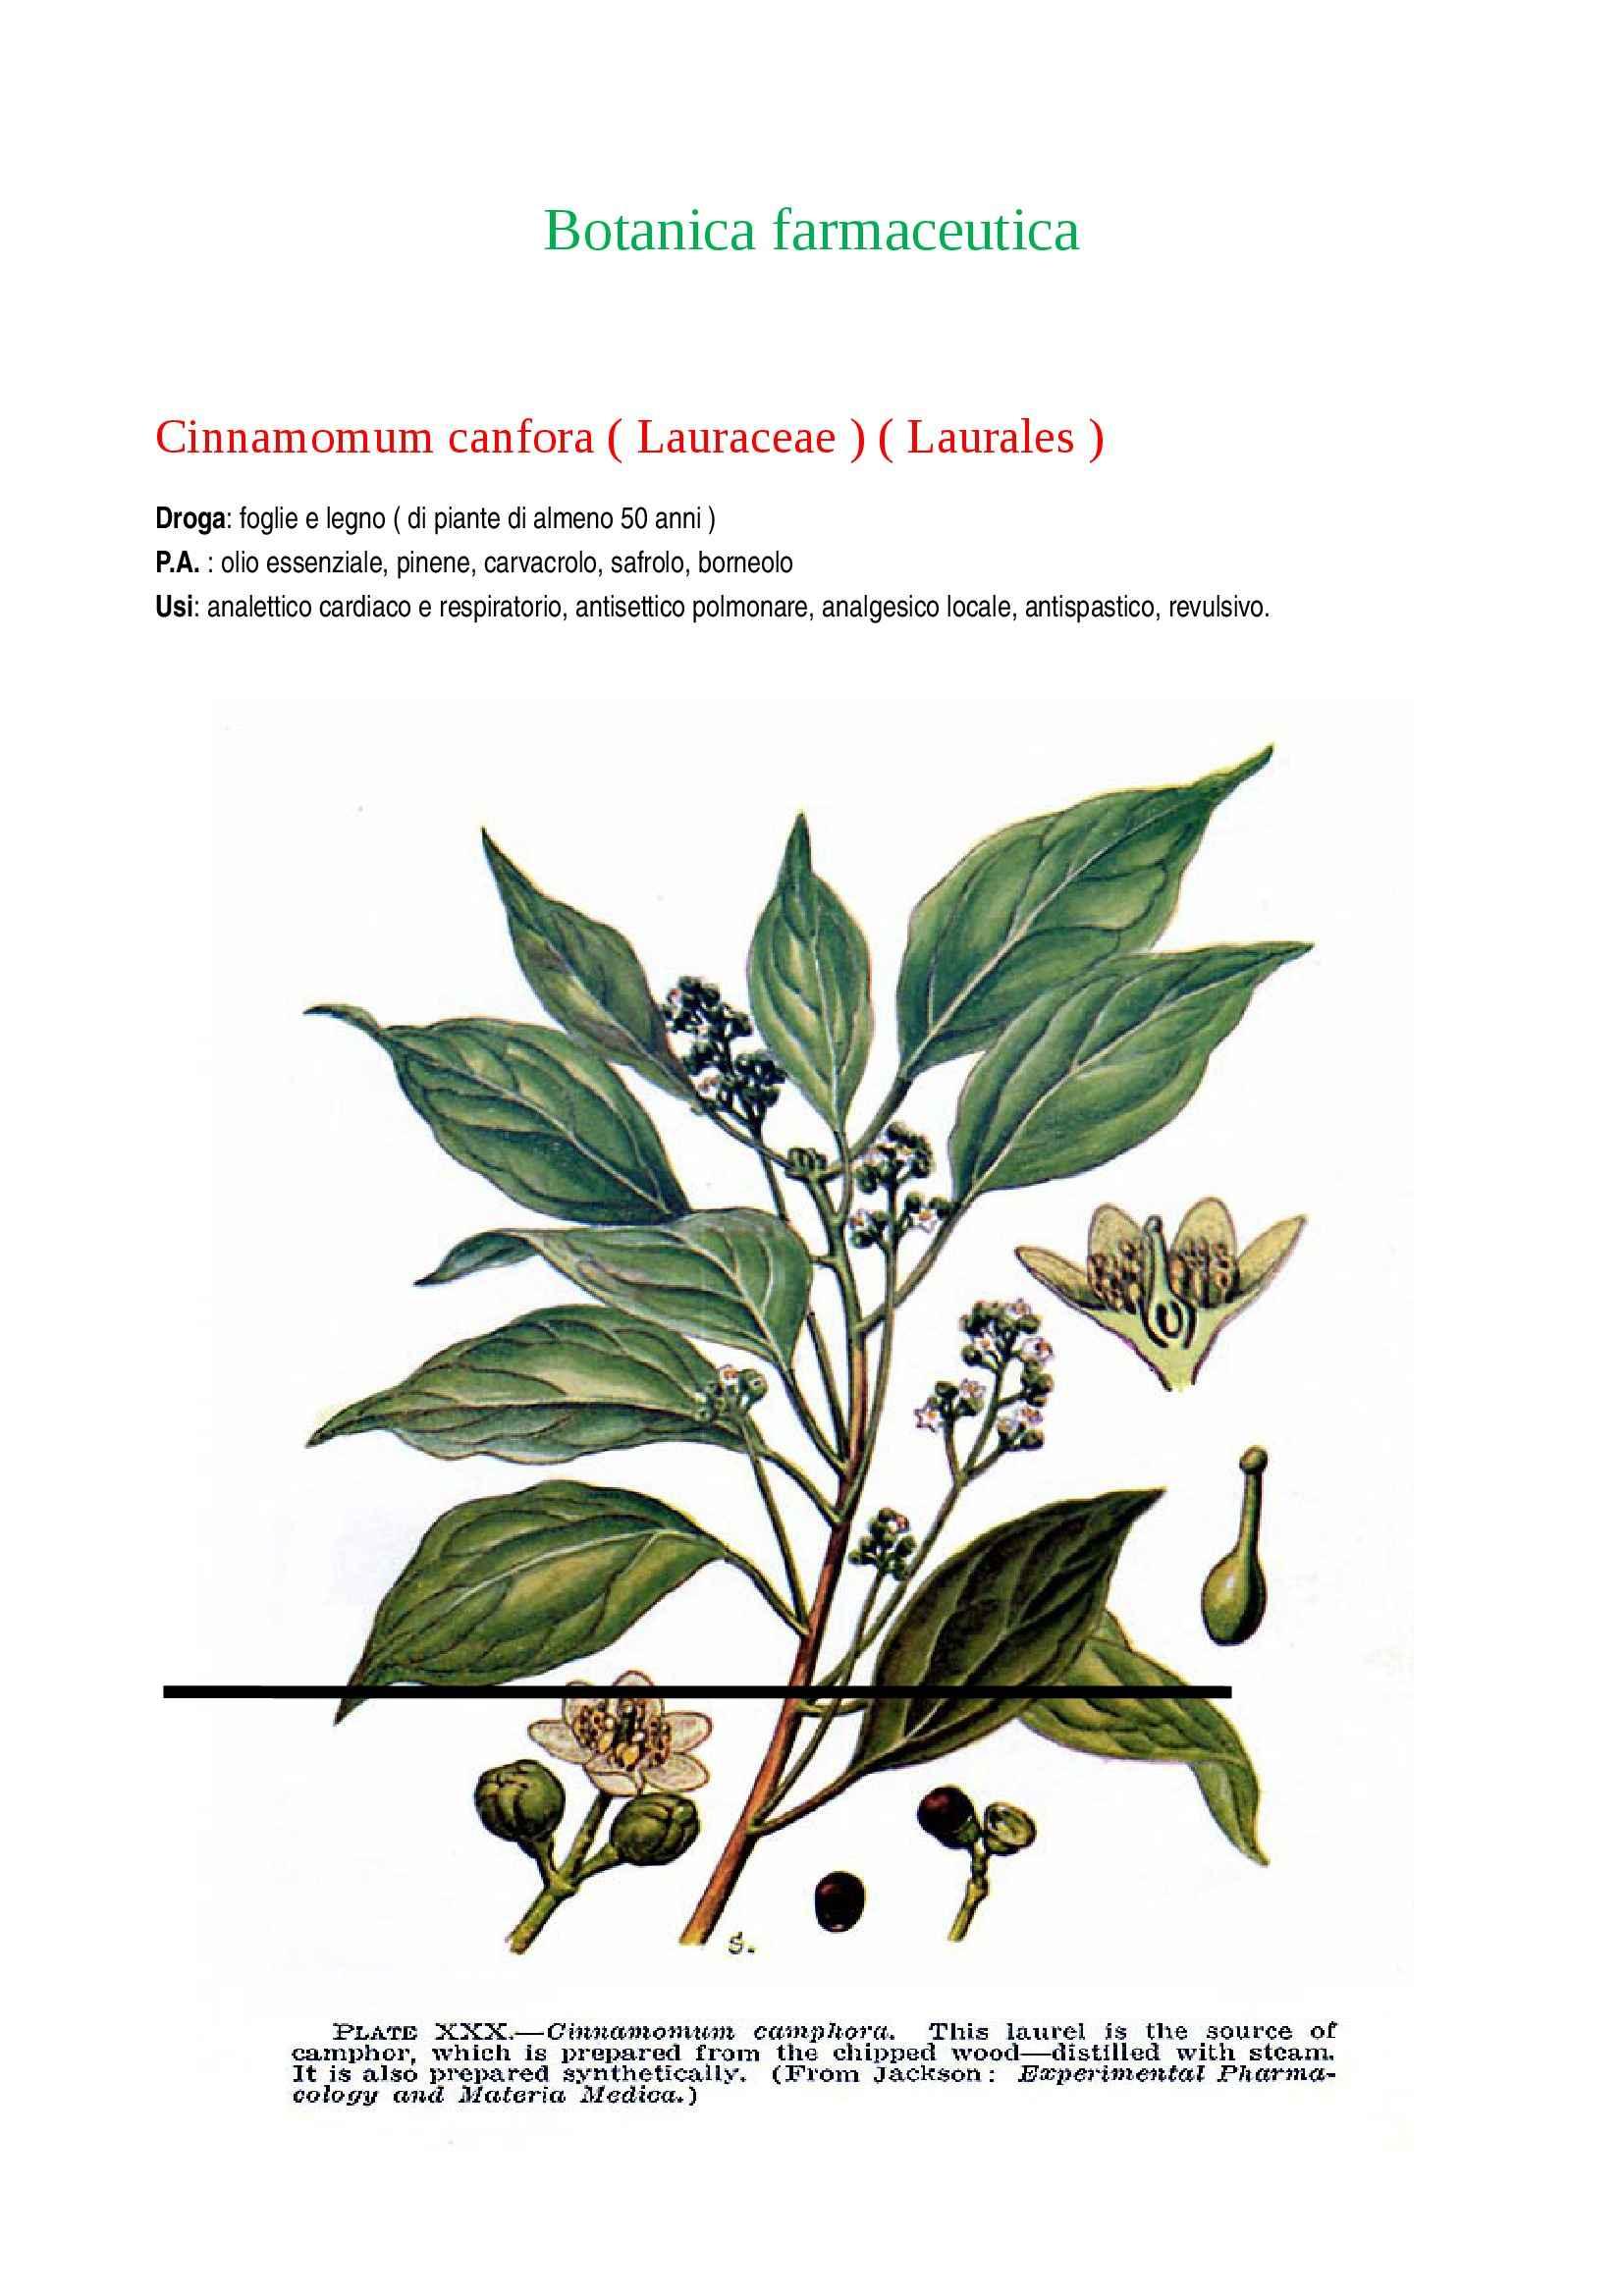 Appunti per l'esame di Botanica farmaceutica